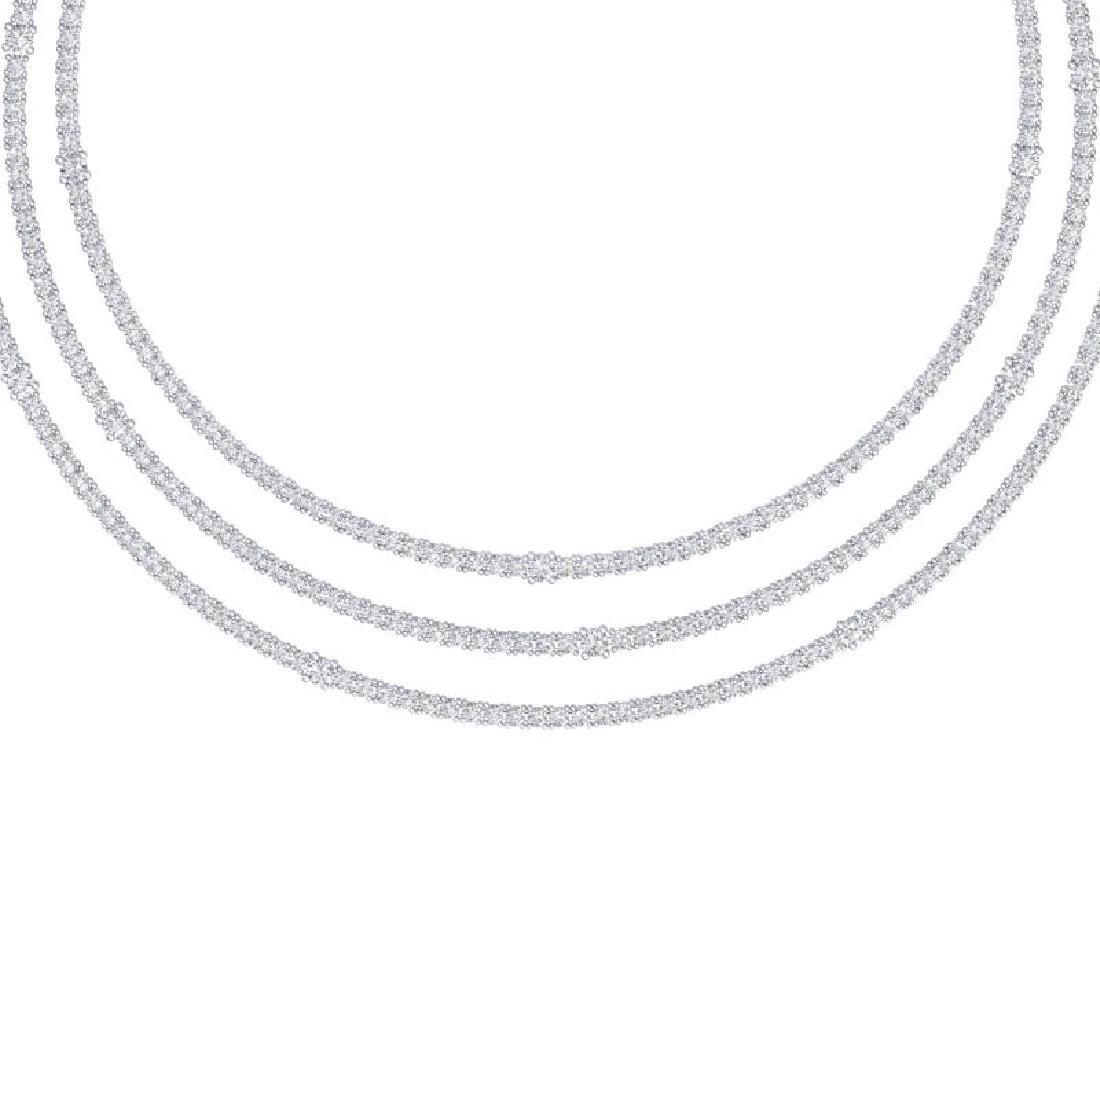 30 CTW Certified VS/SI Diamond Love Necklace 18K White